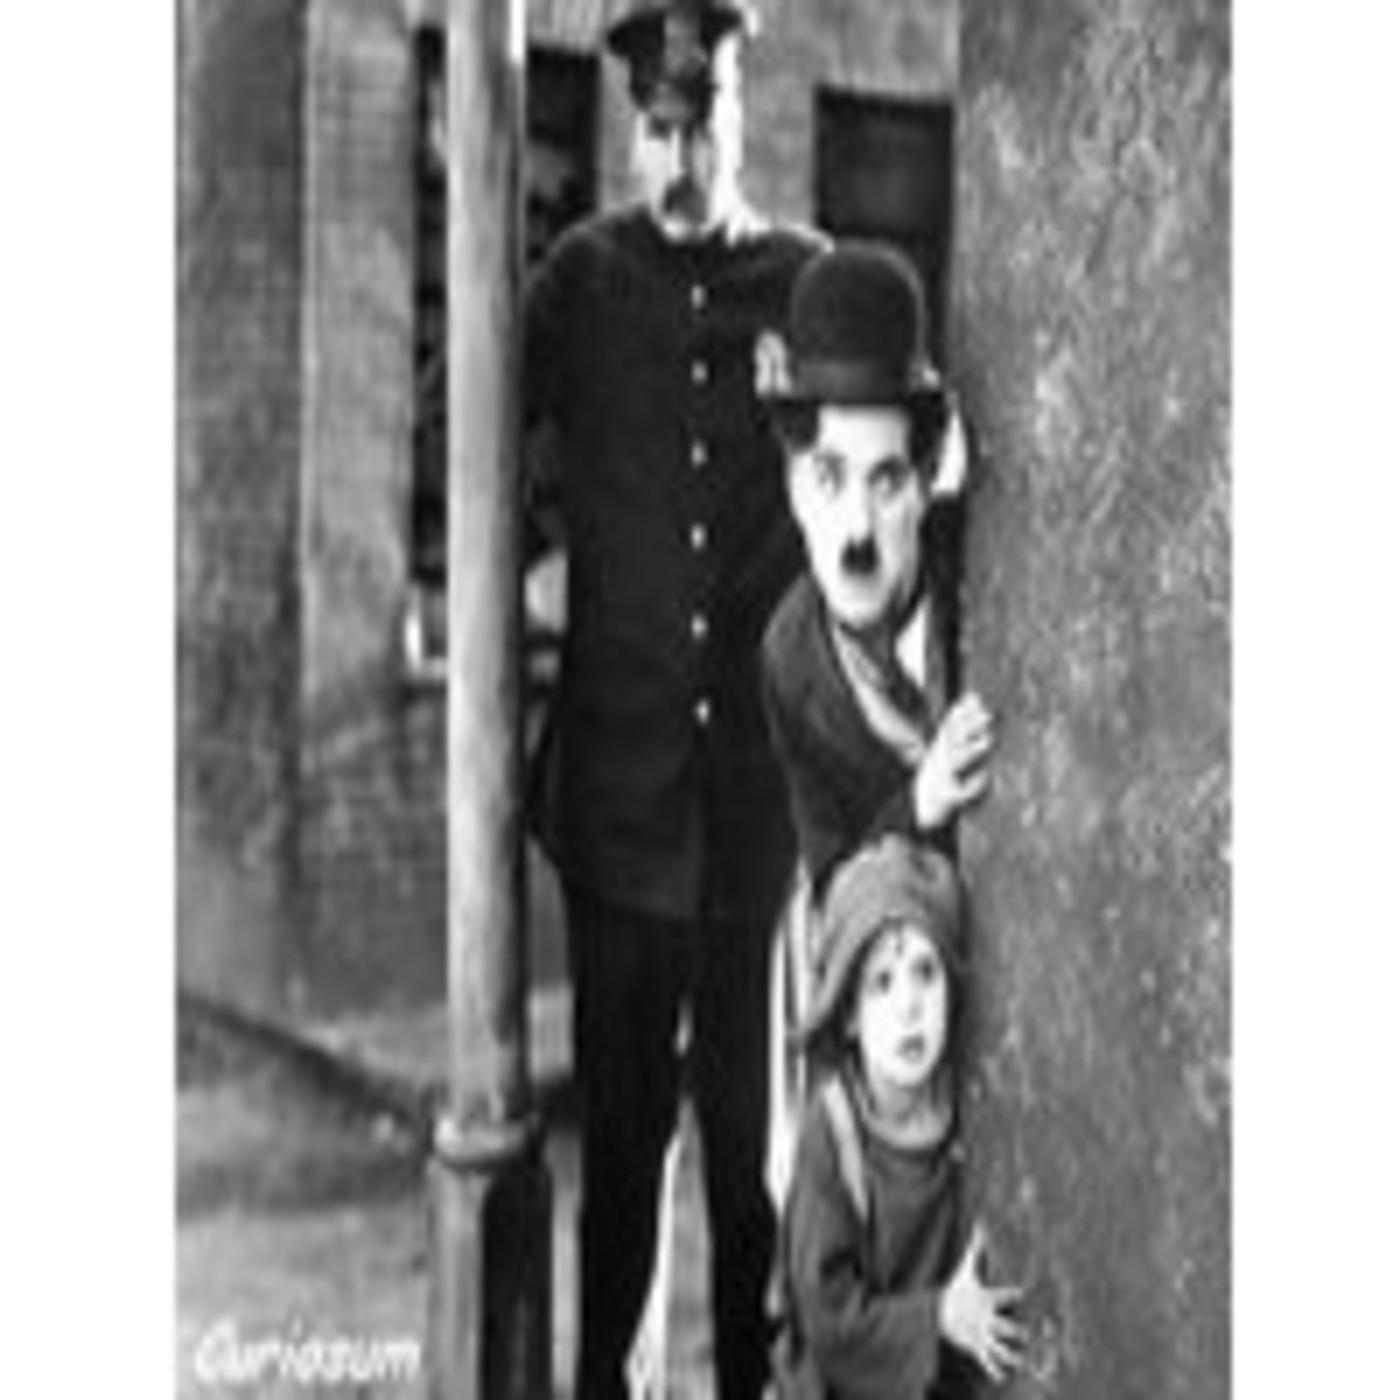 Pasajes de la historia. Chaplin contra John Edgar Hoover.